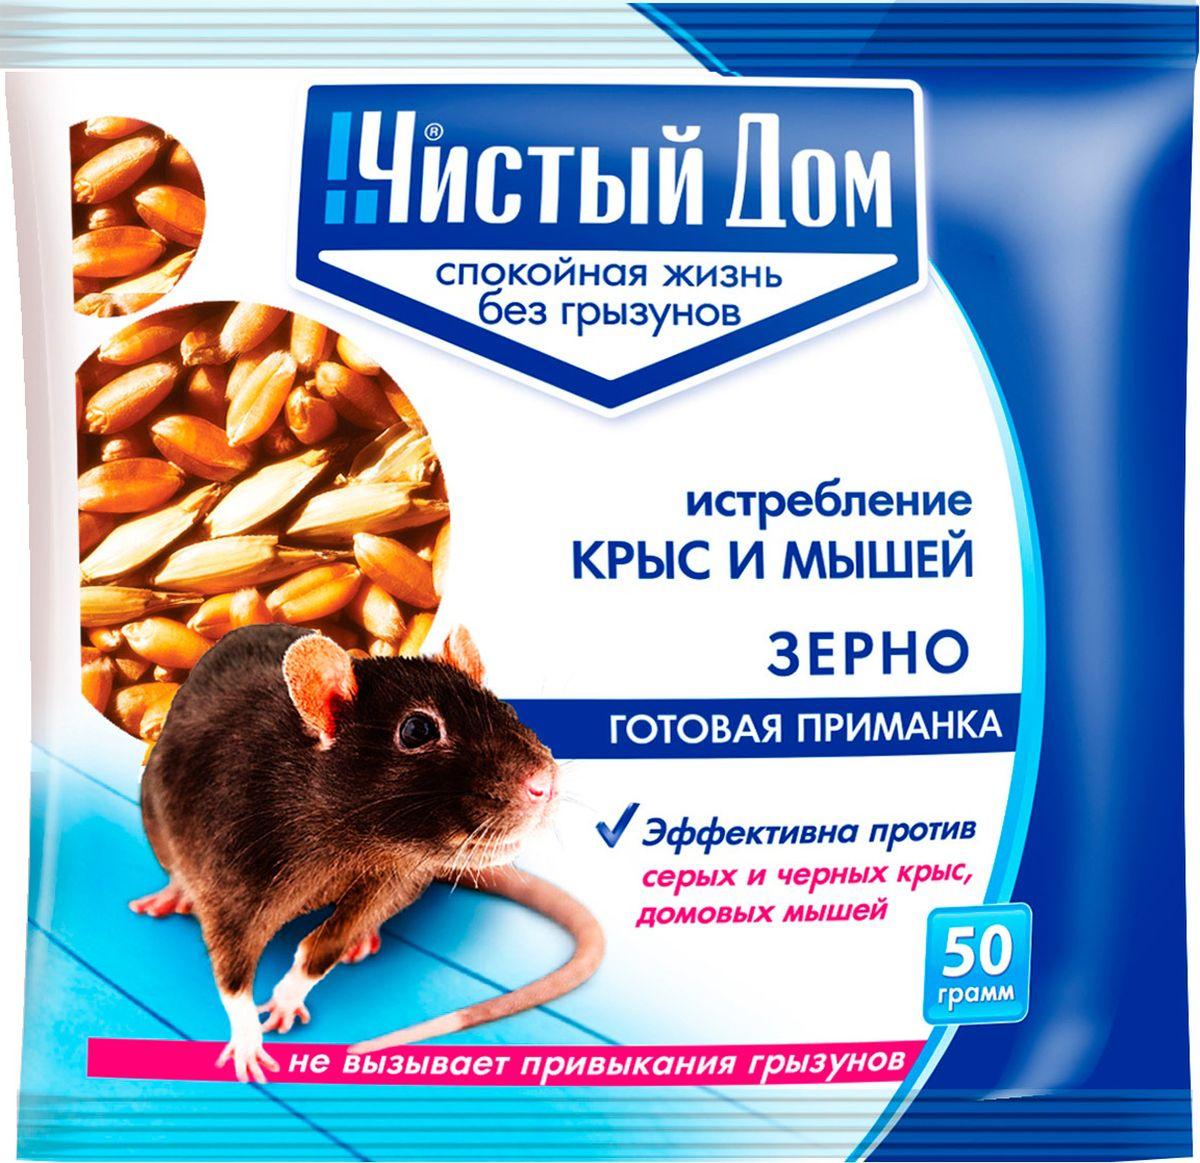 Приманка Чистый Дом, от крыс и мышей, зерновая, 50 г03-405Универсальное готовое к применению средство от мышей, крыс и полевокОснова «Форэта» — натуральные зерна пшеницы, что обеспечивает отличную поедаемость грызунами